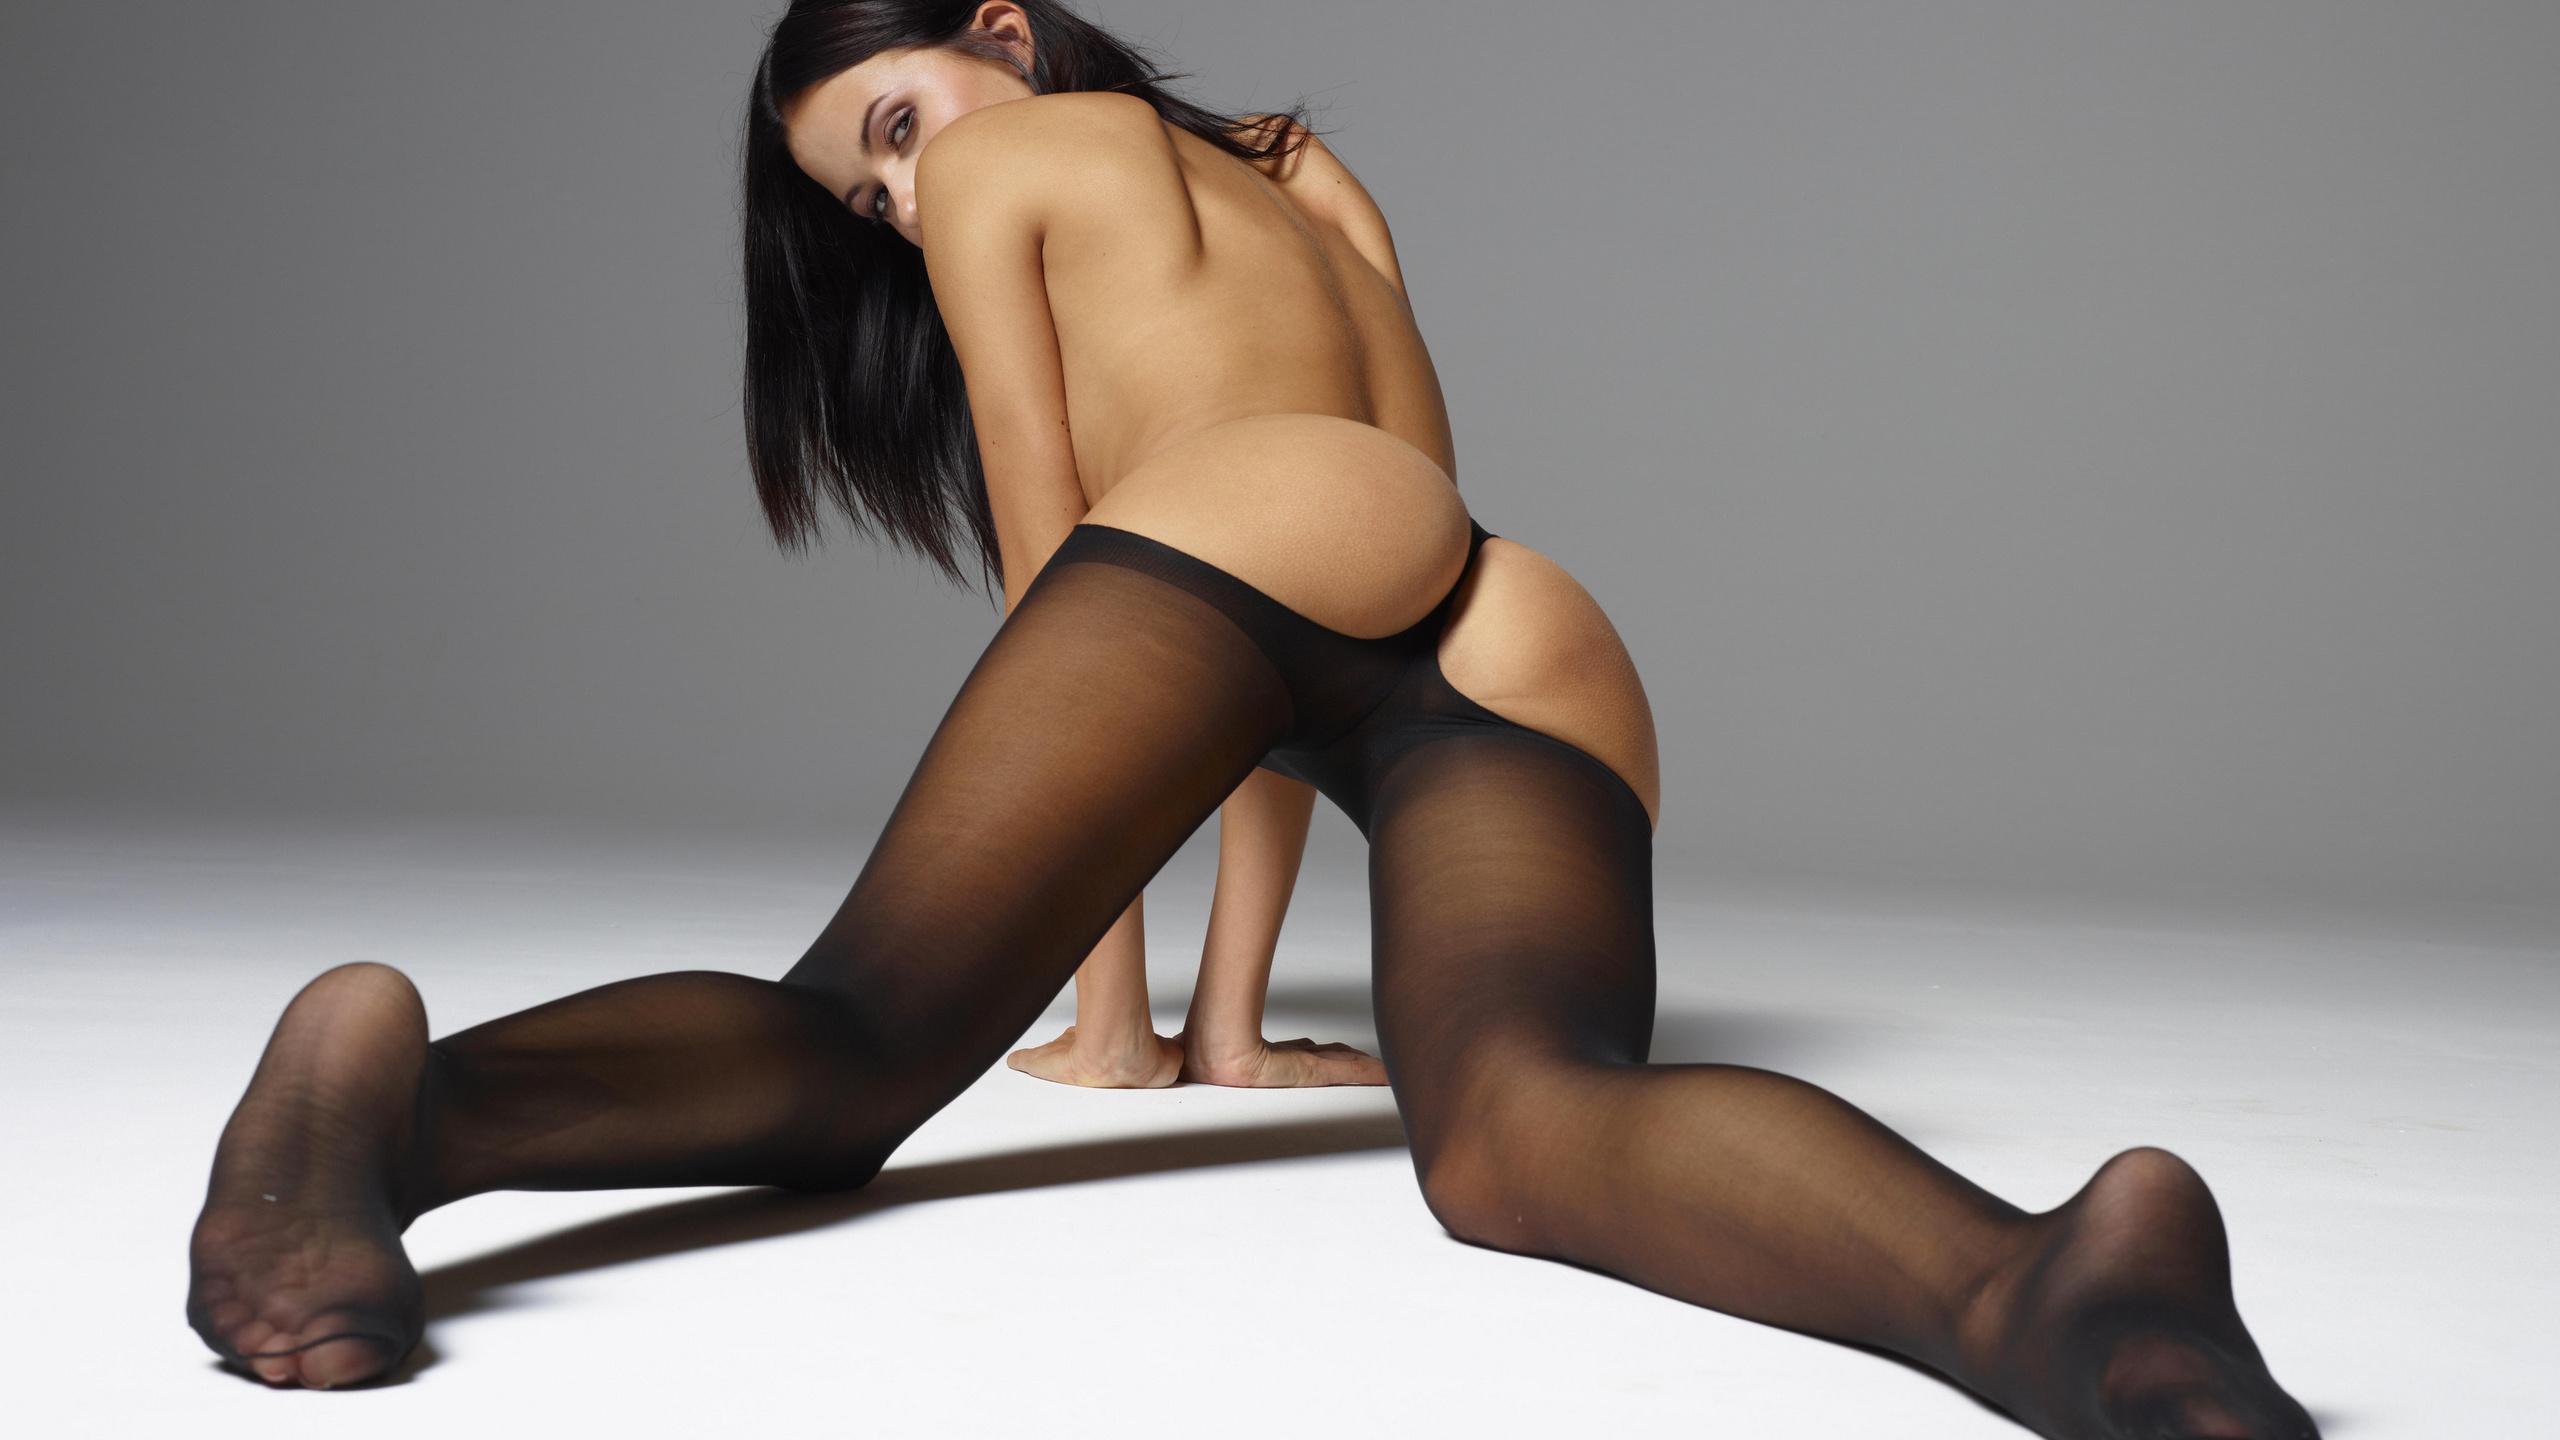 Фото голых женщин калготочках 10 фотография